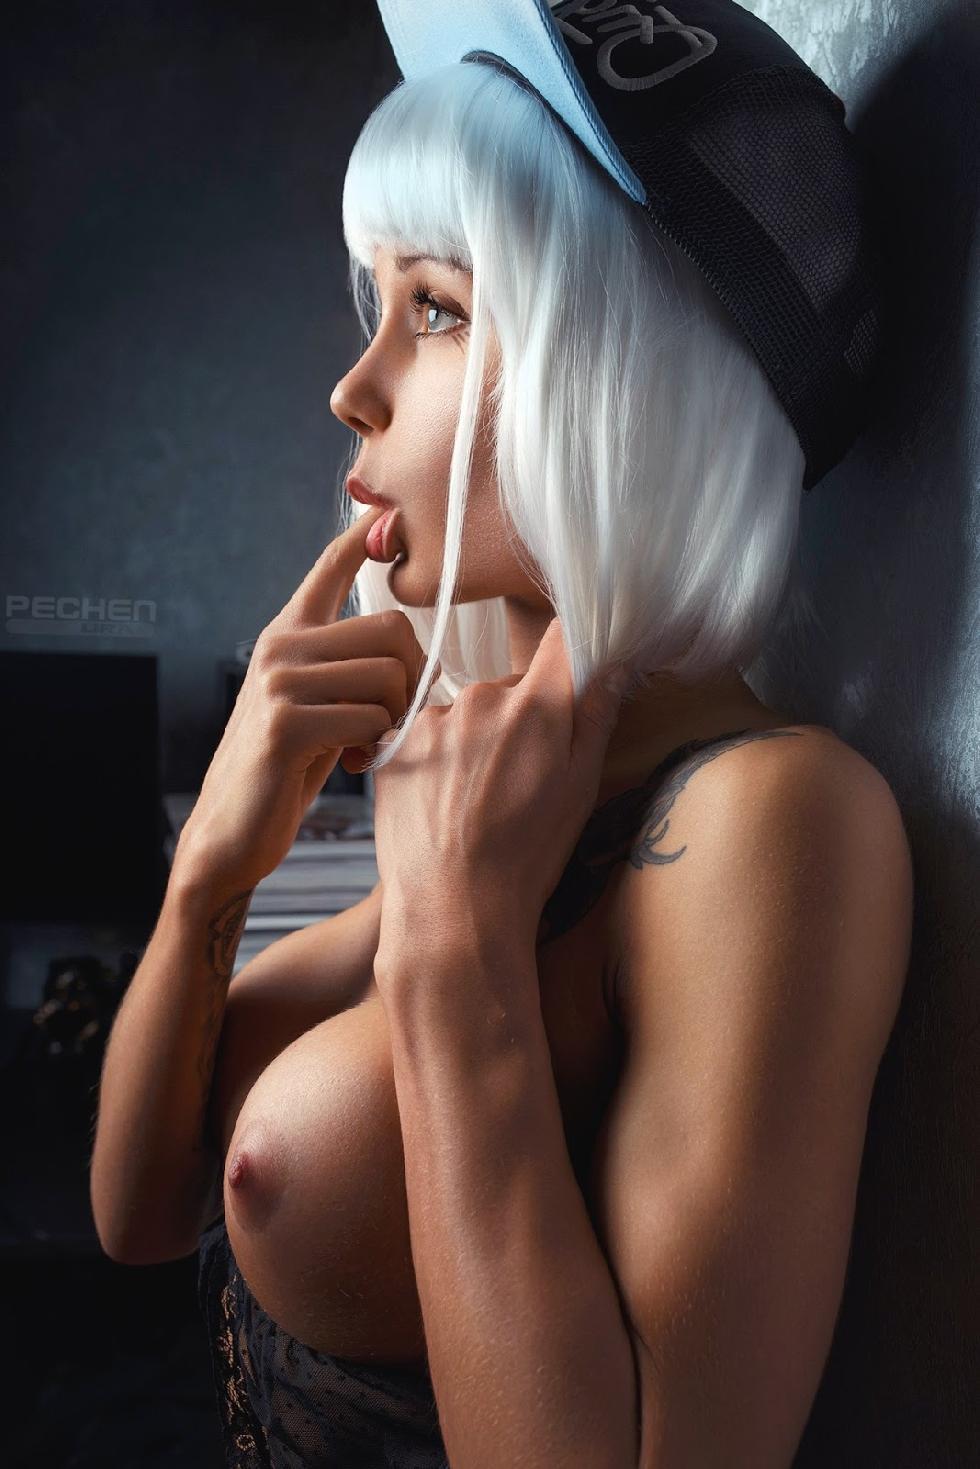 Weekly erotic picdump - 36/2017 - 96